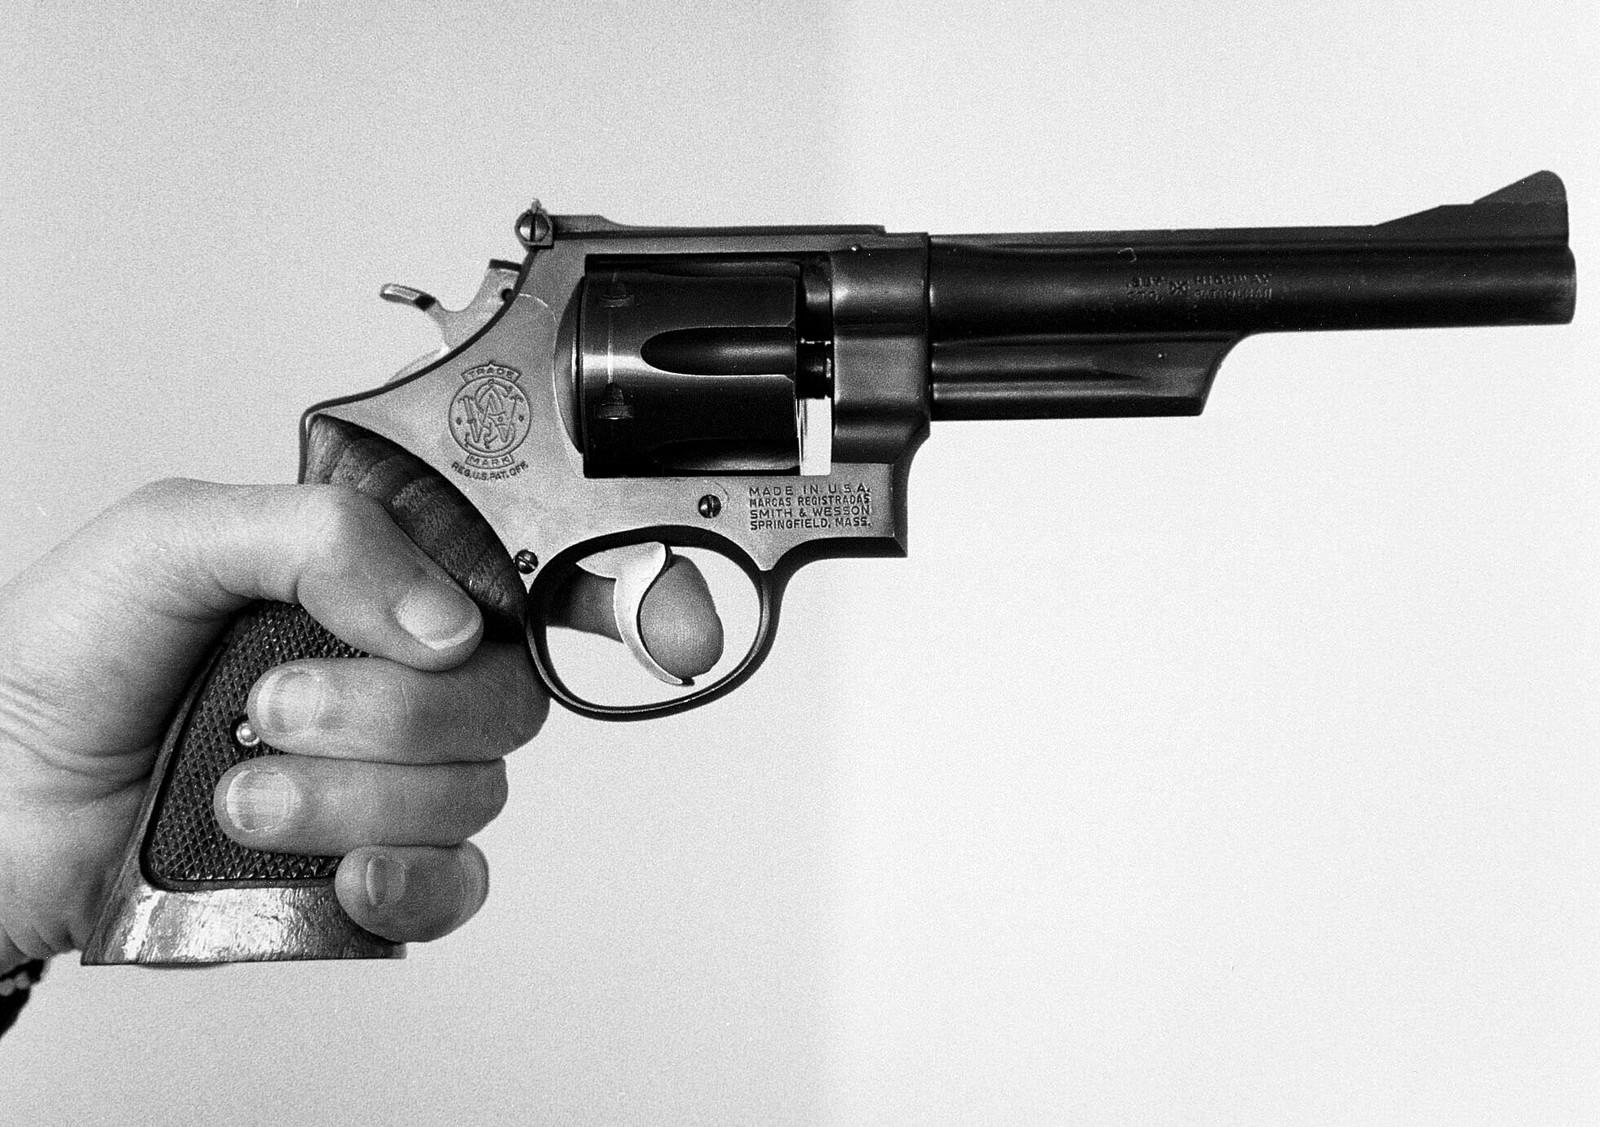 Smith & Wesson-revolver. Dette er en revolver av typen som ble brukt til å drepe Olof Palme. Tusenvis av svensker har lisens til å eie slike og andre våpen.